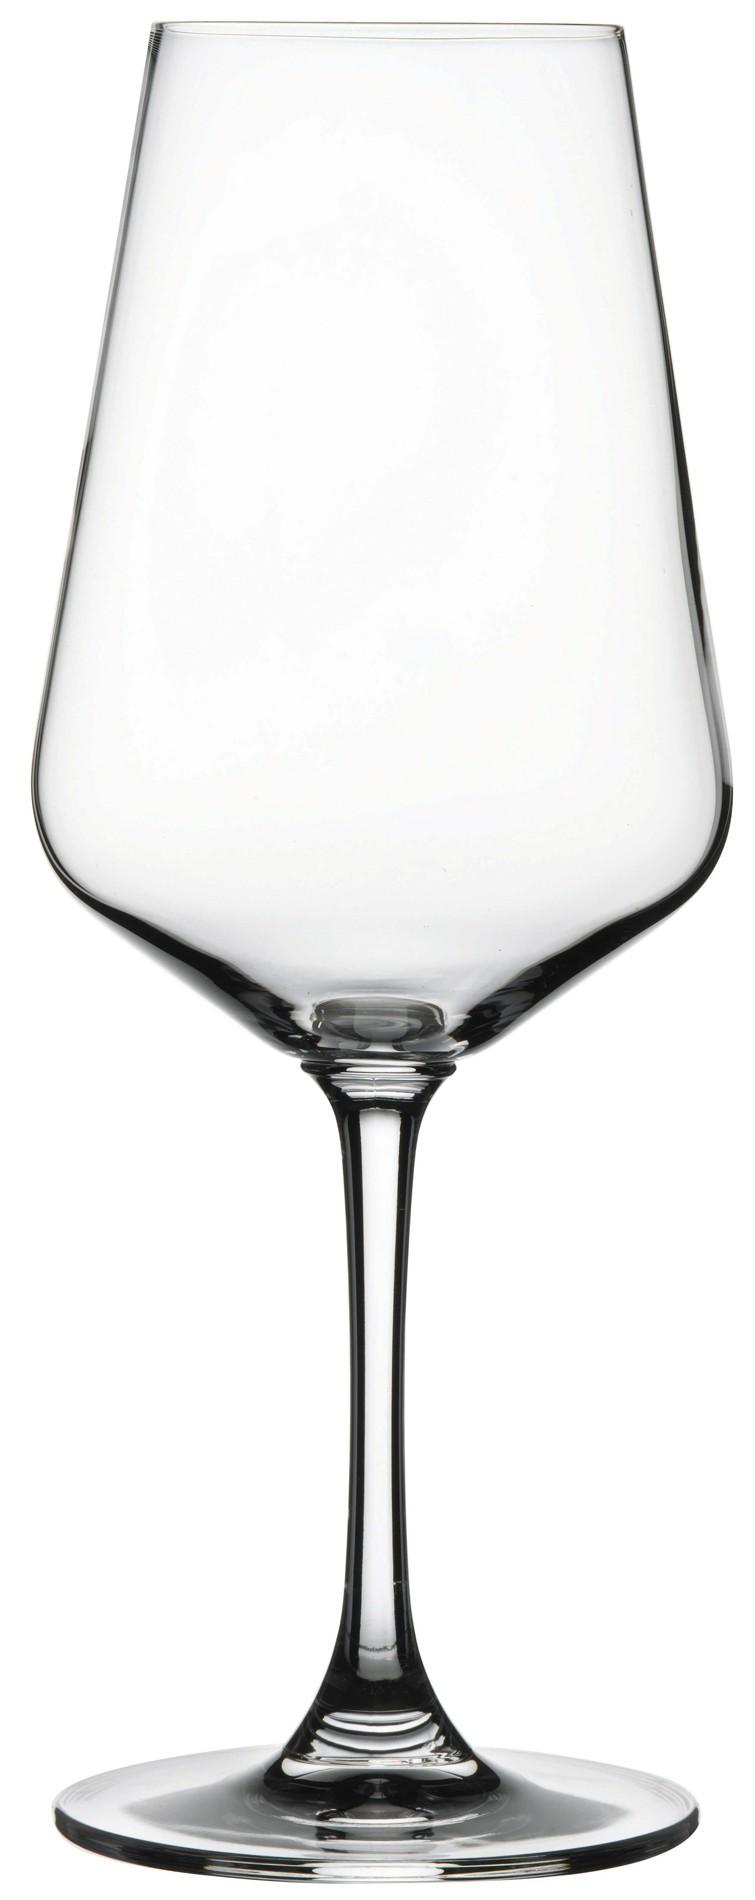 Ποτήρι Κόκκινου Κρασιού Cuvee 480ml Nuxe home   ειδη σερβιρισματος   ποτήρια   κρασιού